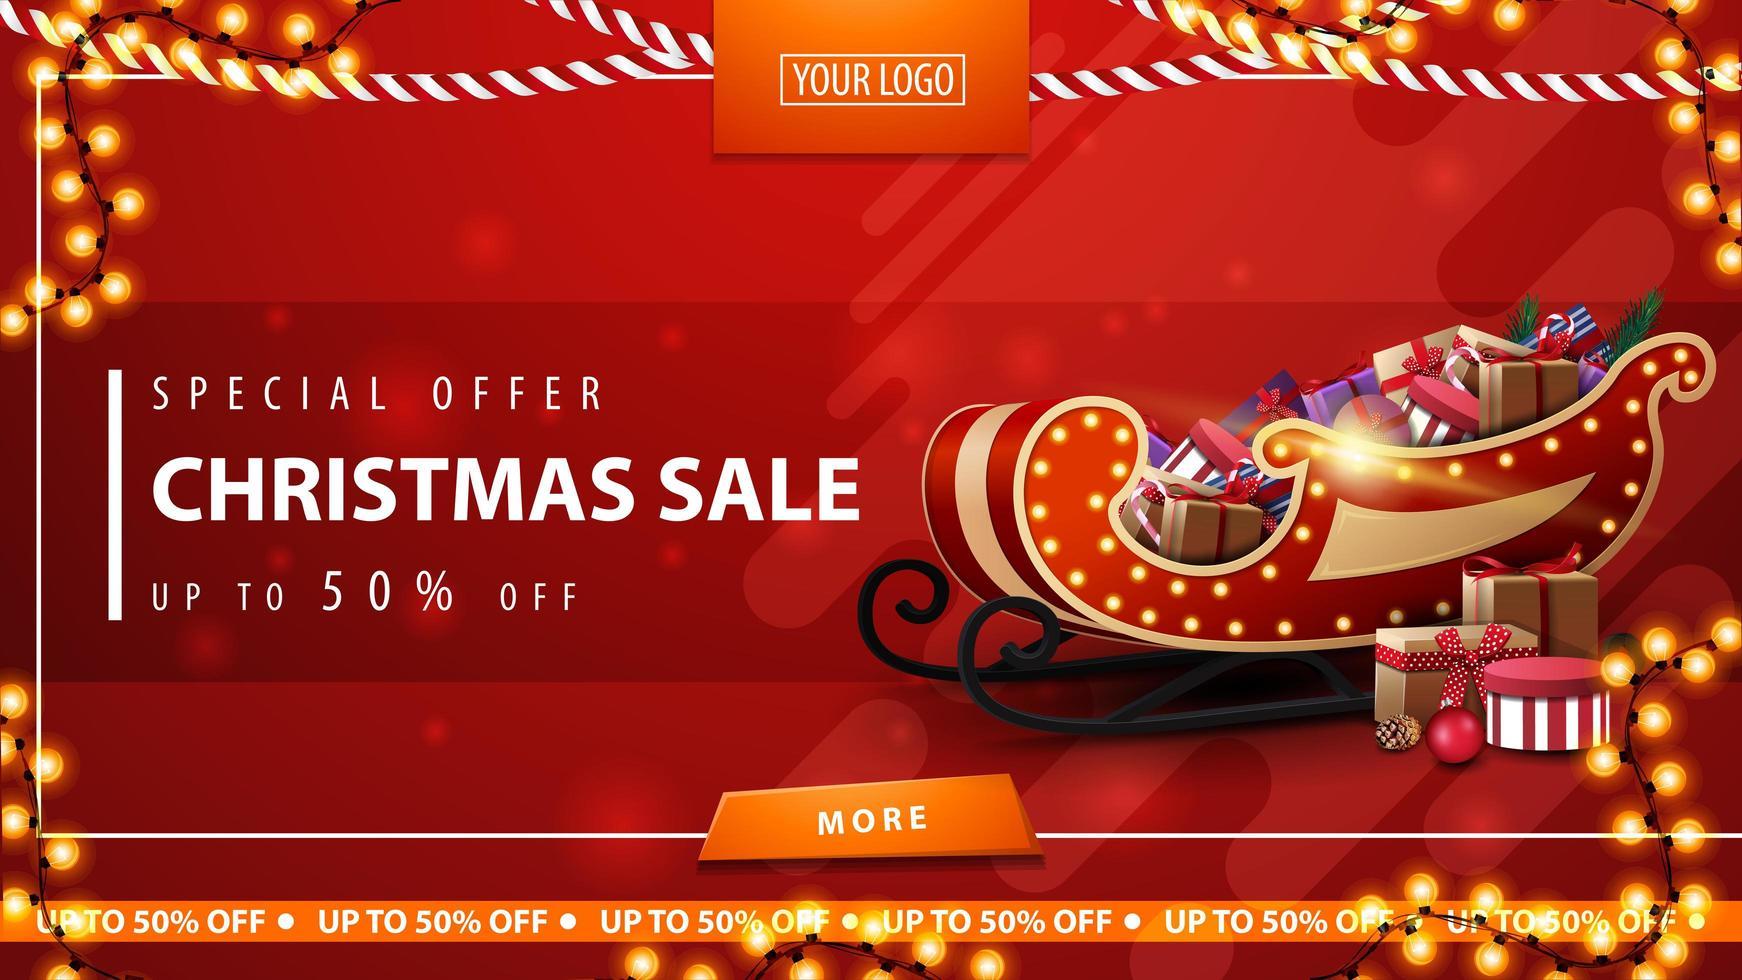 offre spéciale, vente de Noël, jusqu'à 50 rabais, bannière de réduction rouge avec guirlandes, bouton, place pour le logo et traîneau du père Noël avec des cadeaux vecteur